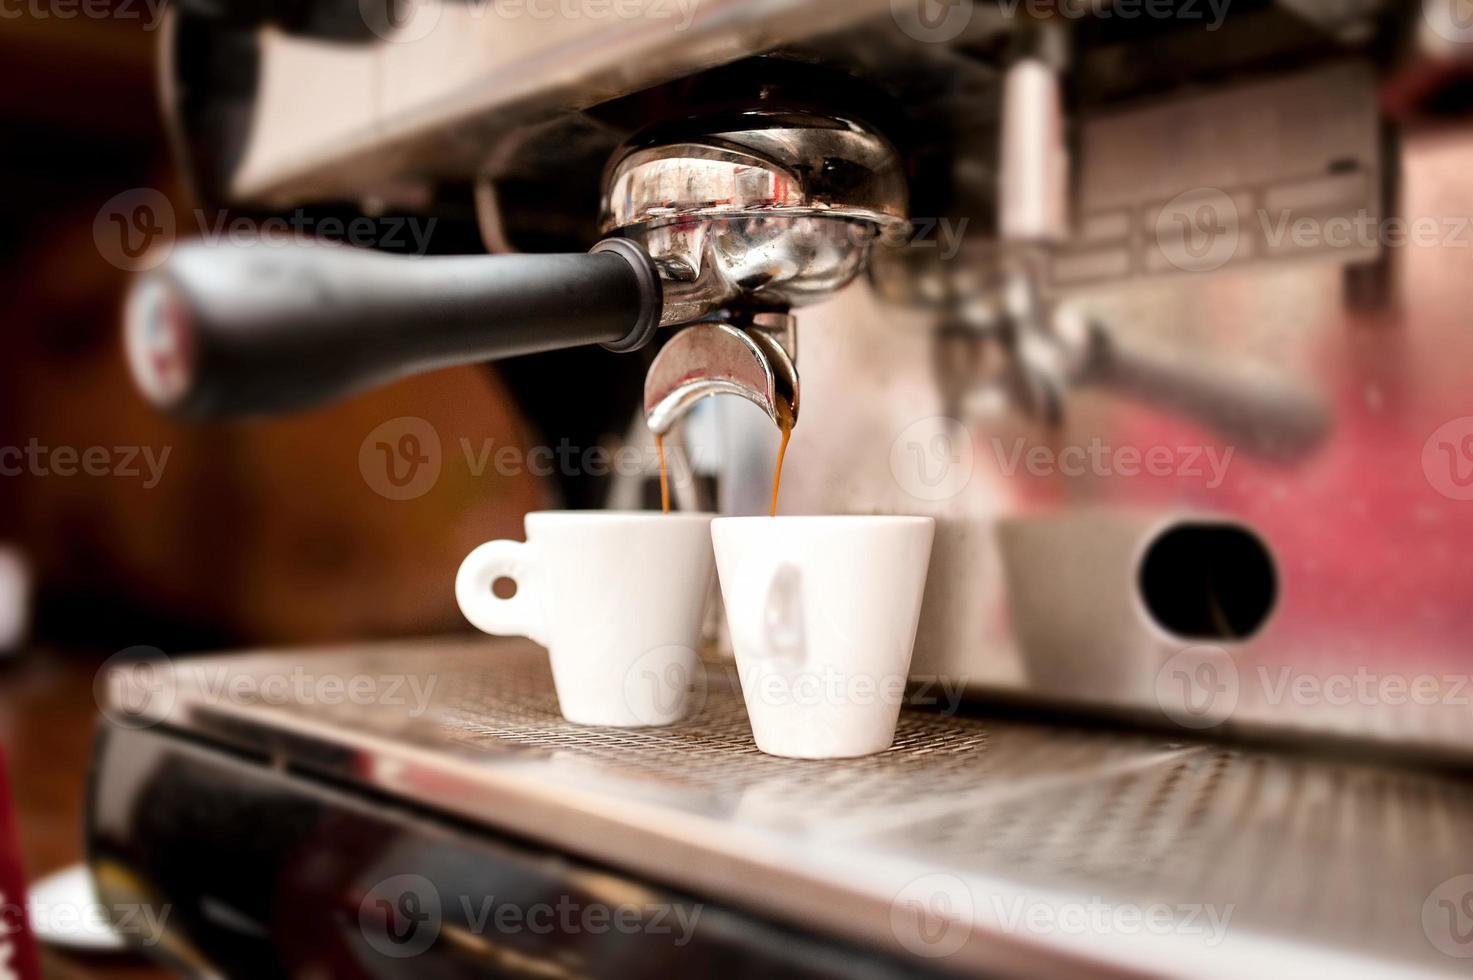 Espressomaschine gießt Kaffee in Tassen foto